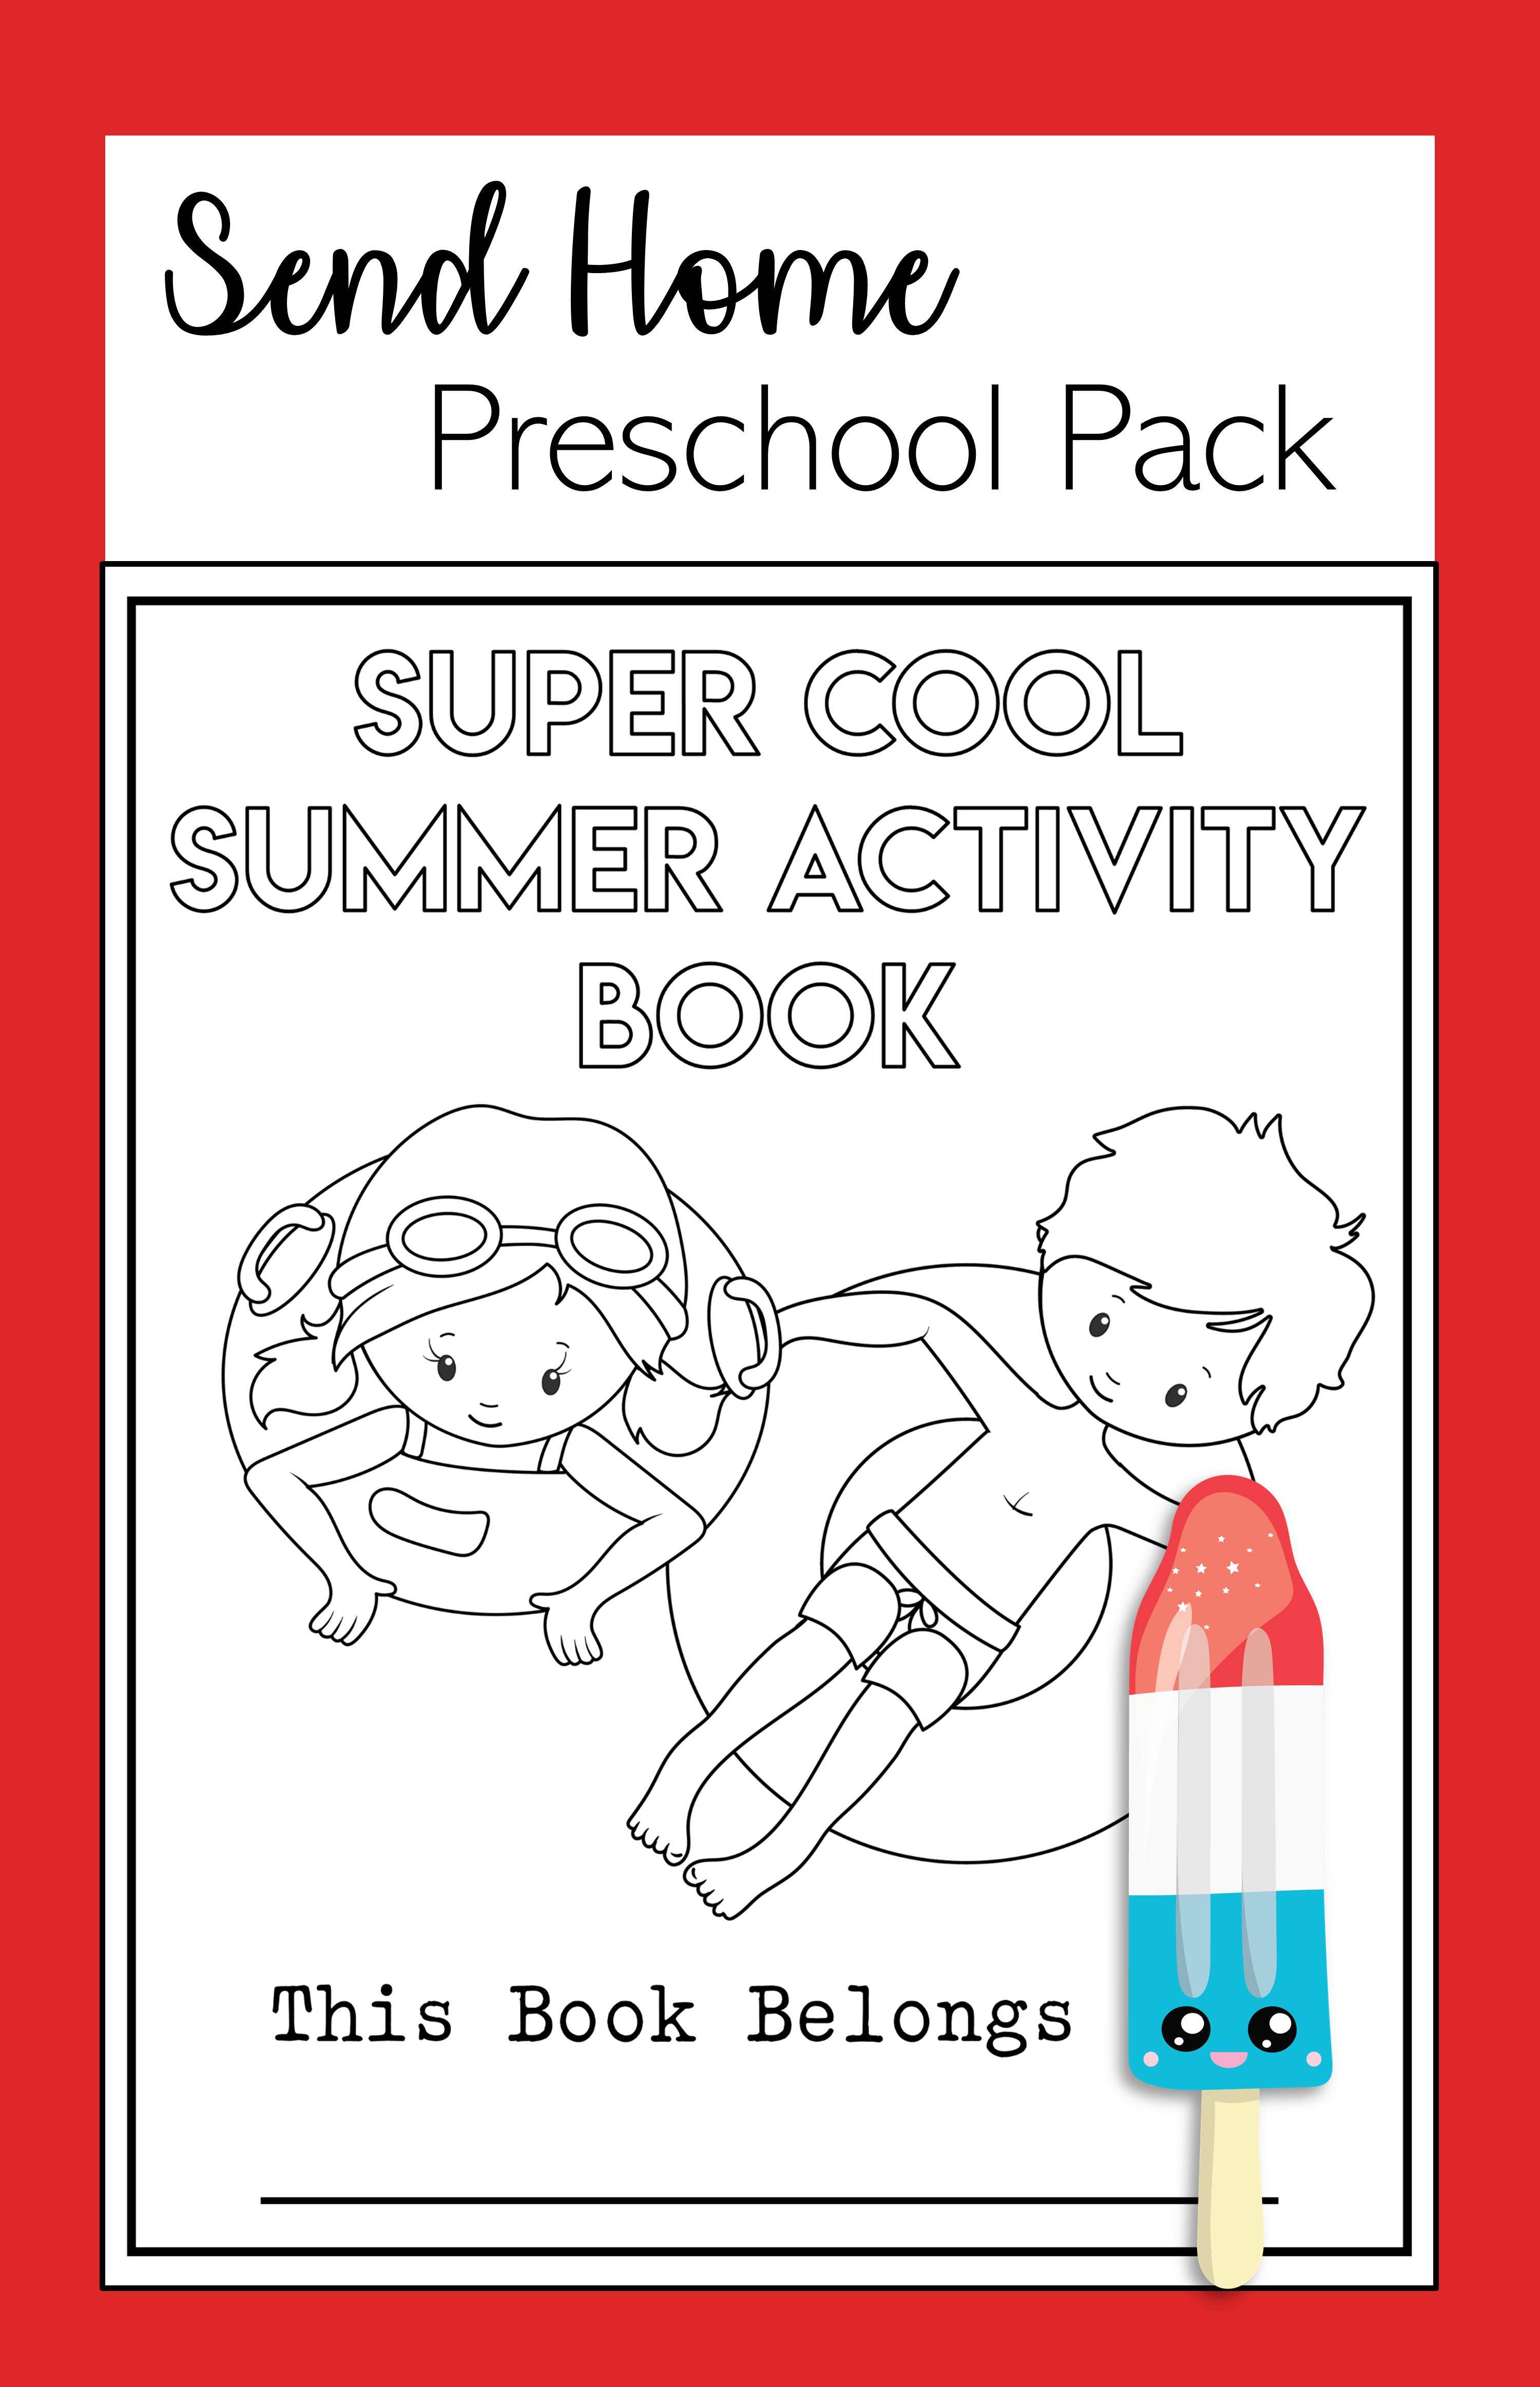 Super Cool Summer Book